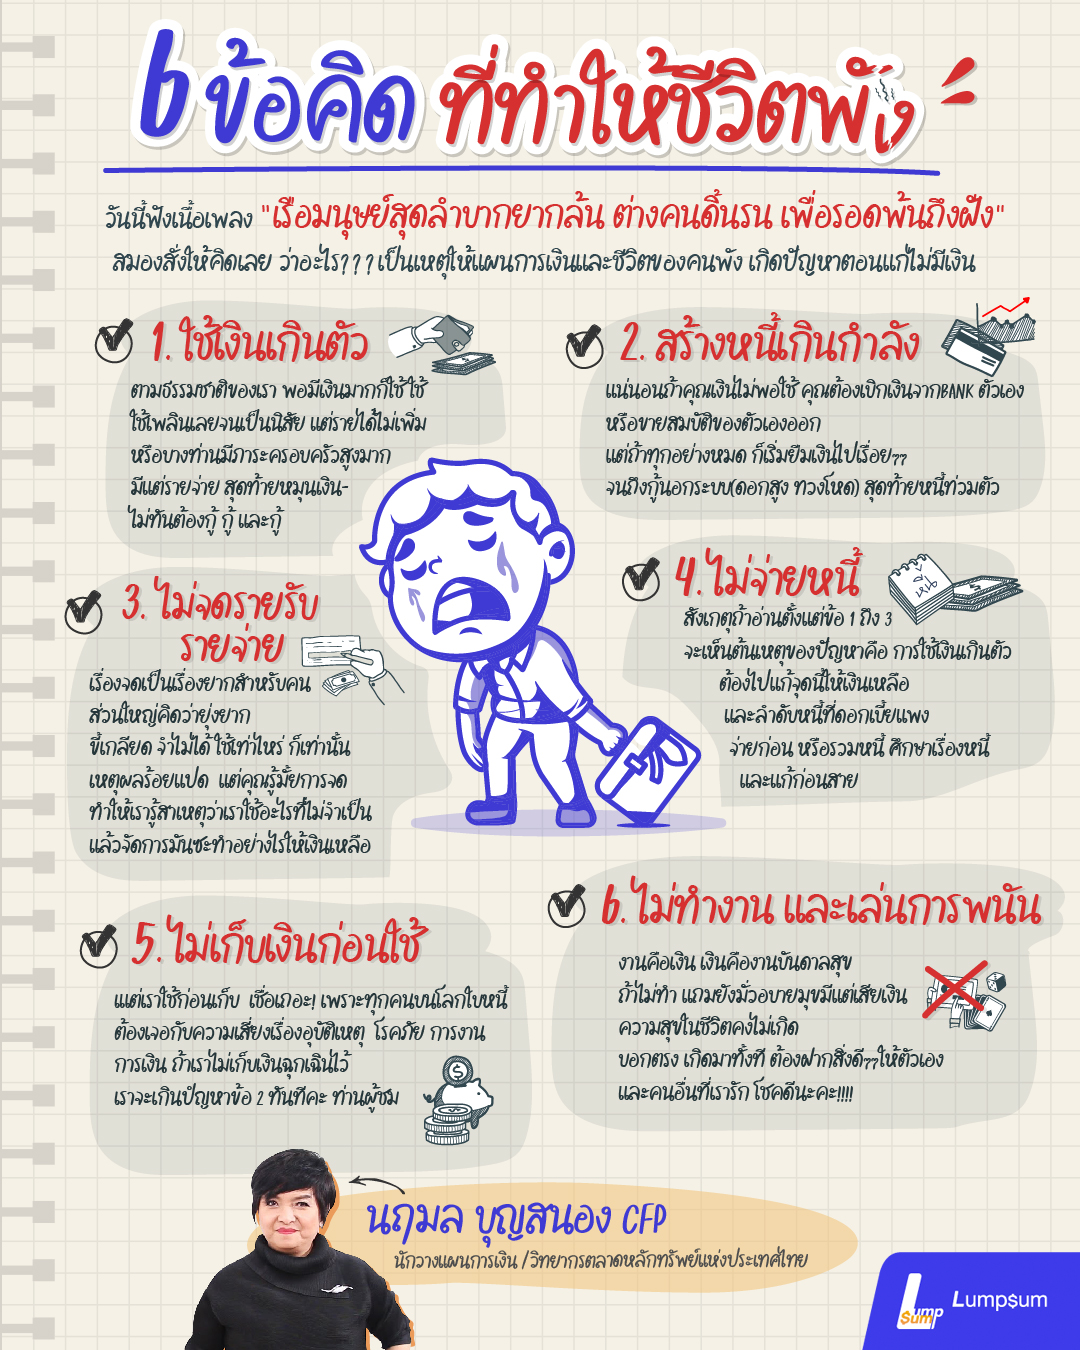 6 ข้อคิดที่ทำให้ชีวิตพัง